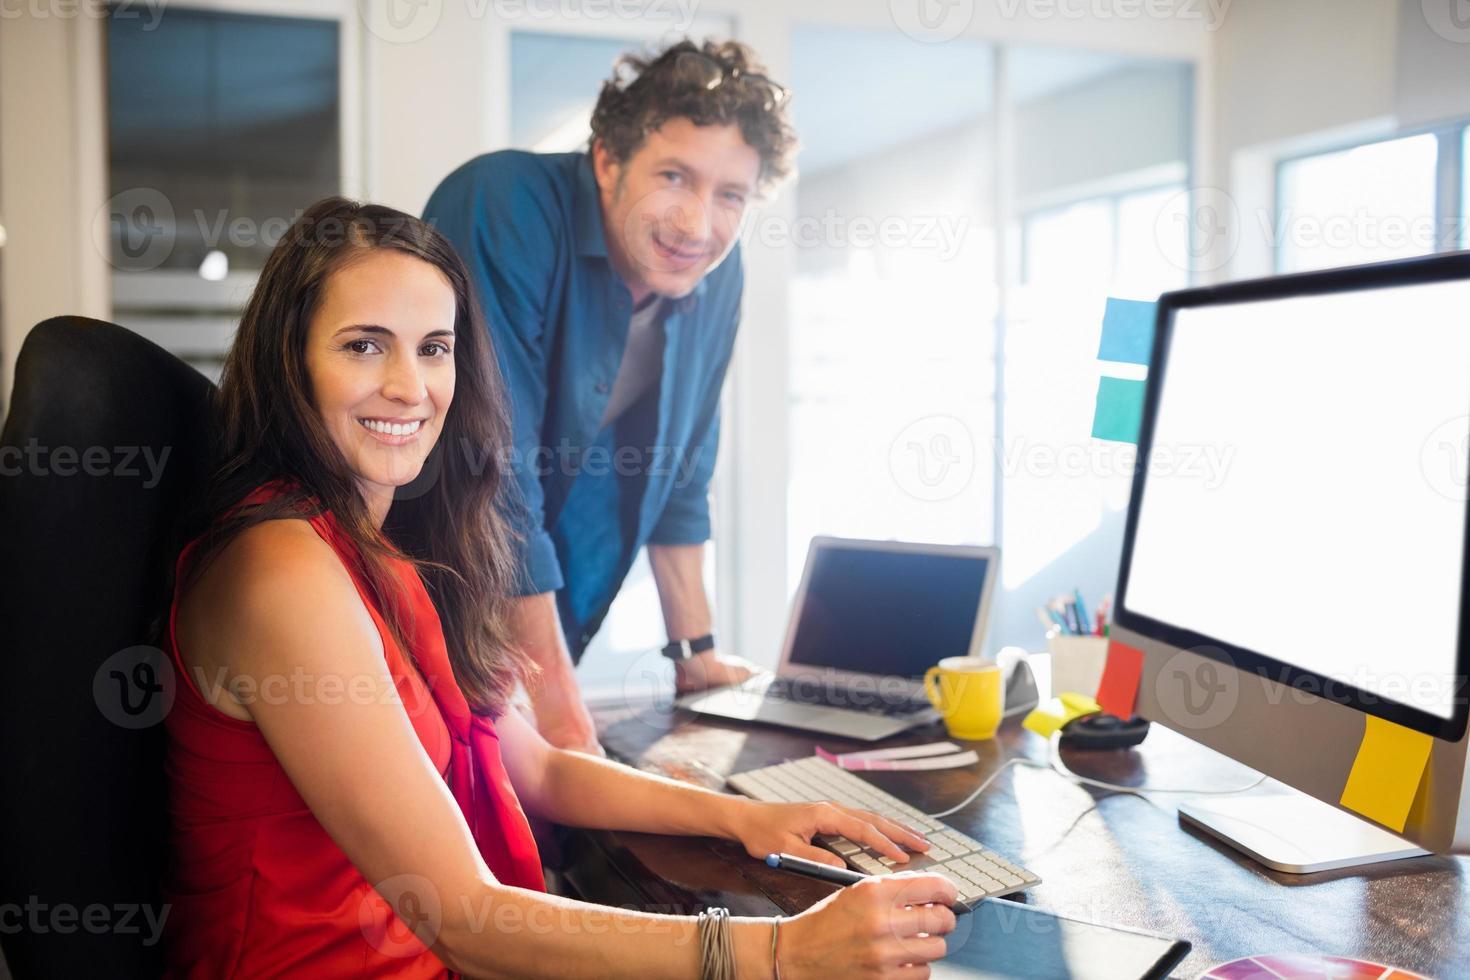 mensen uit het bedrijfsleven samen poseren foto